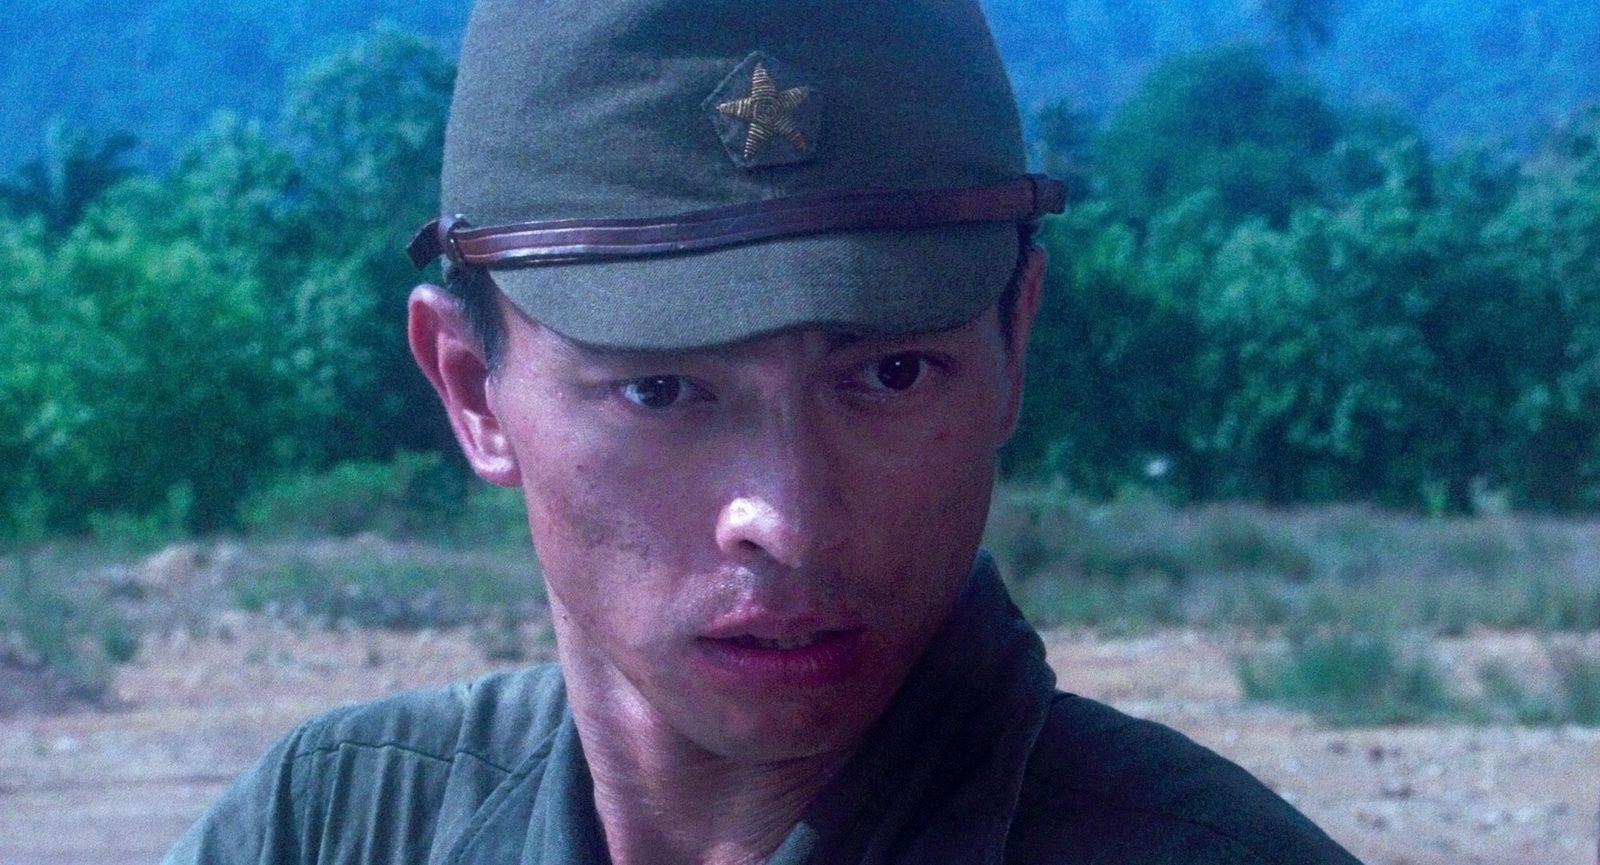 Onoda - 10 000 nuits dans la jungle (BANDE-ANNONCE)  - Le 21 juillet 2021 au cinéma